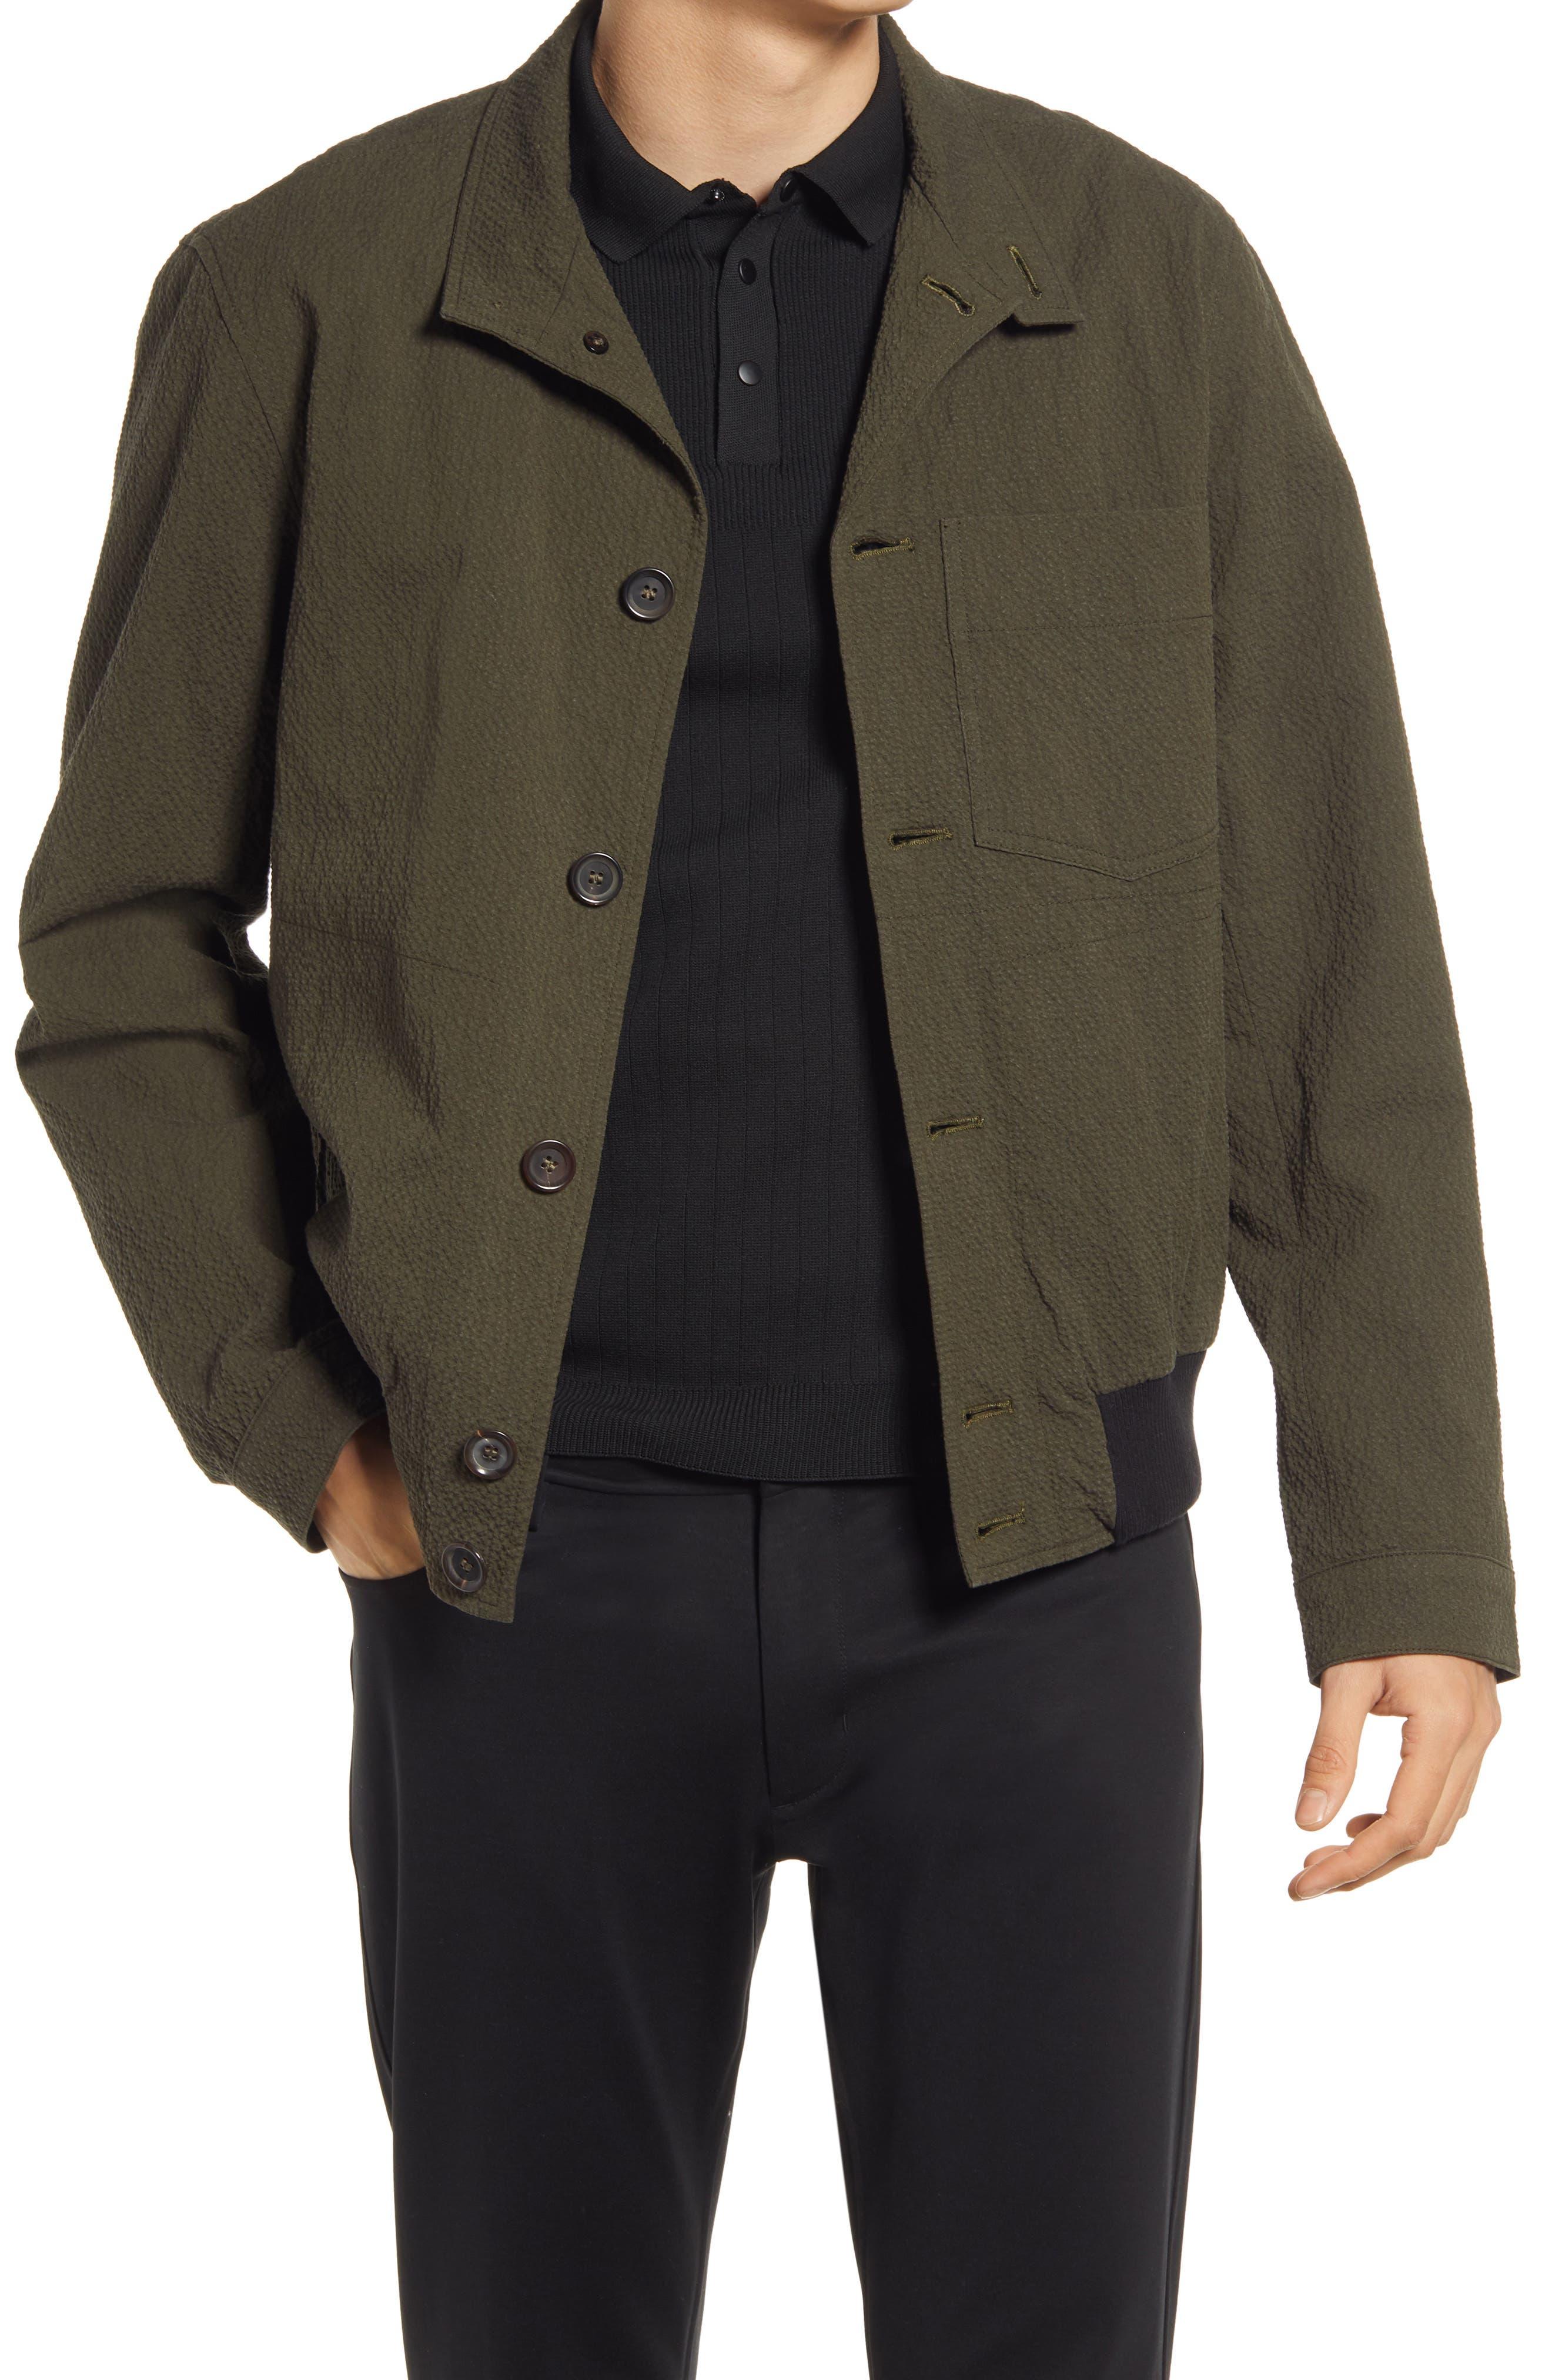 1920s Men's Style Clothing Oliver Spencer Mens Ryde Seersucker Bomber Jacket Size 44 in Green at Nordstrom $363.00 AT vintagedancer.com